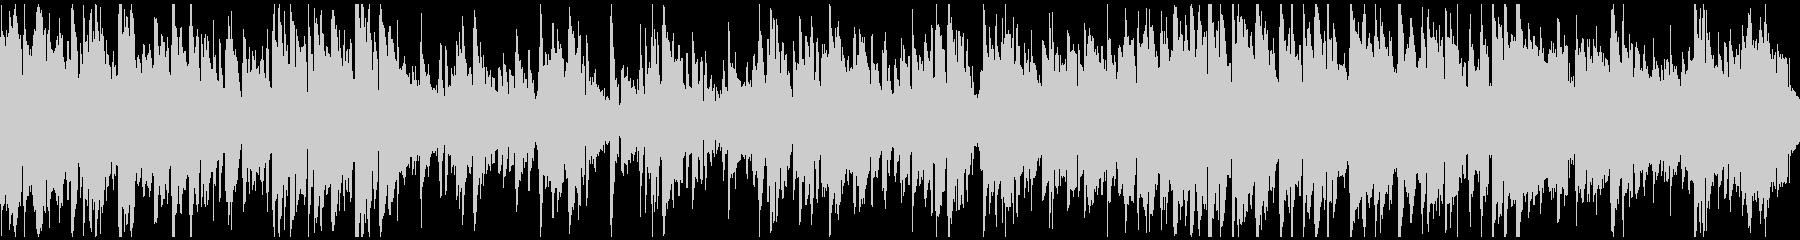 スマート、ライトな紳士ジャズ ※ループ版の未再生の波形